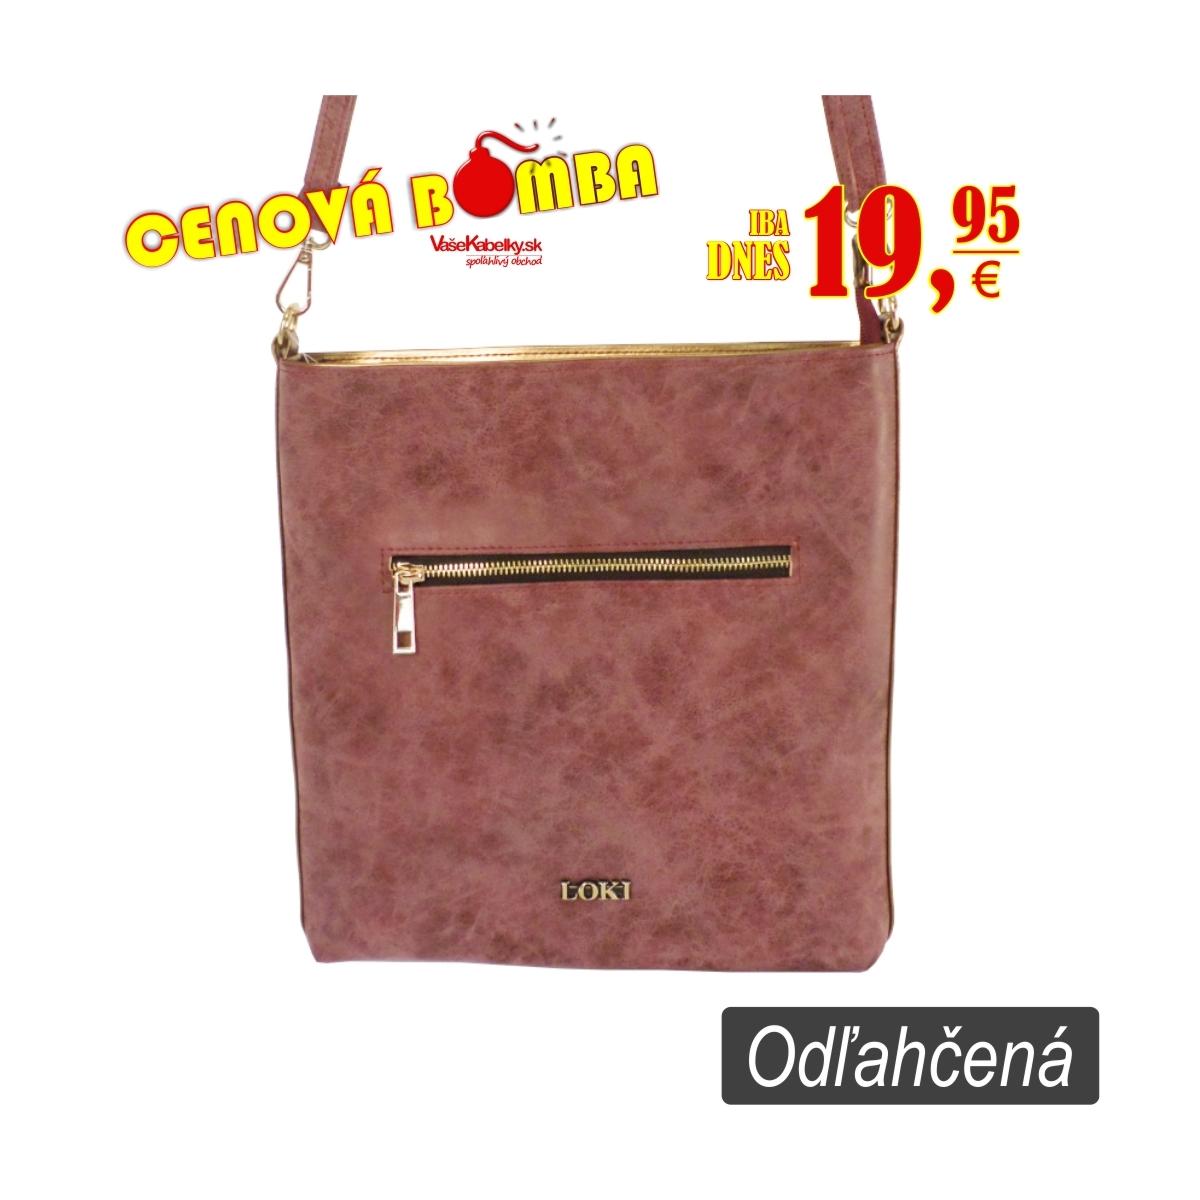 c0b99b4f78 Najlacnejšie odľahčené značkové kabelky LOKI